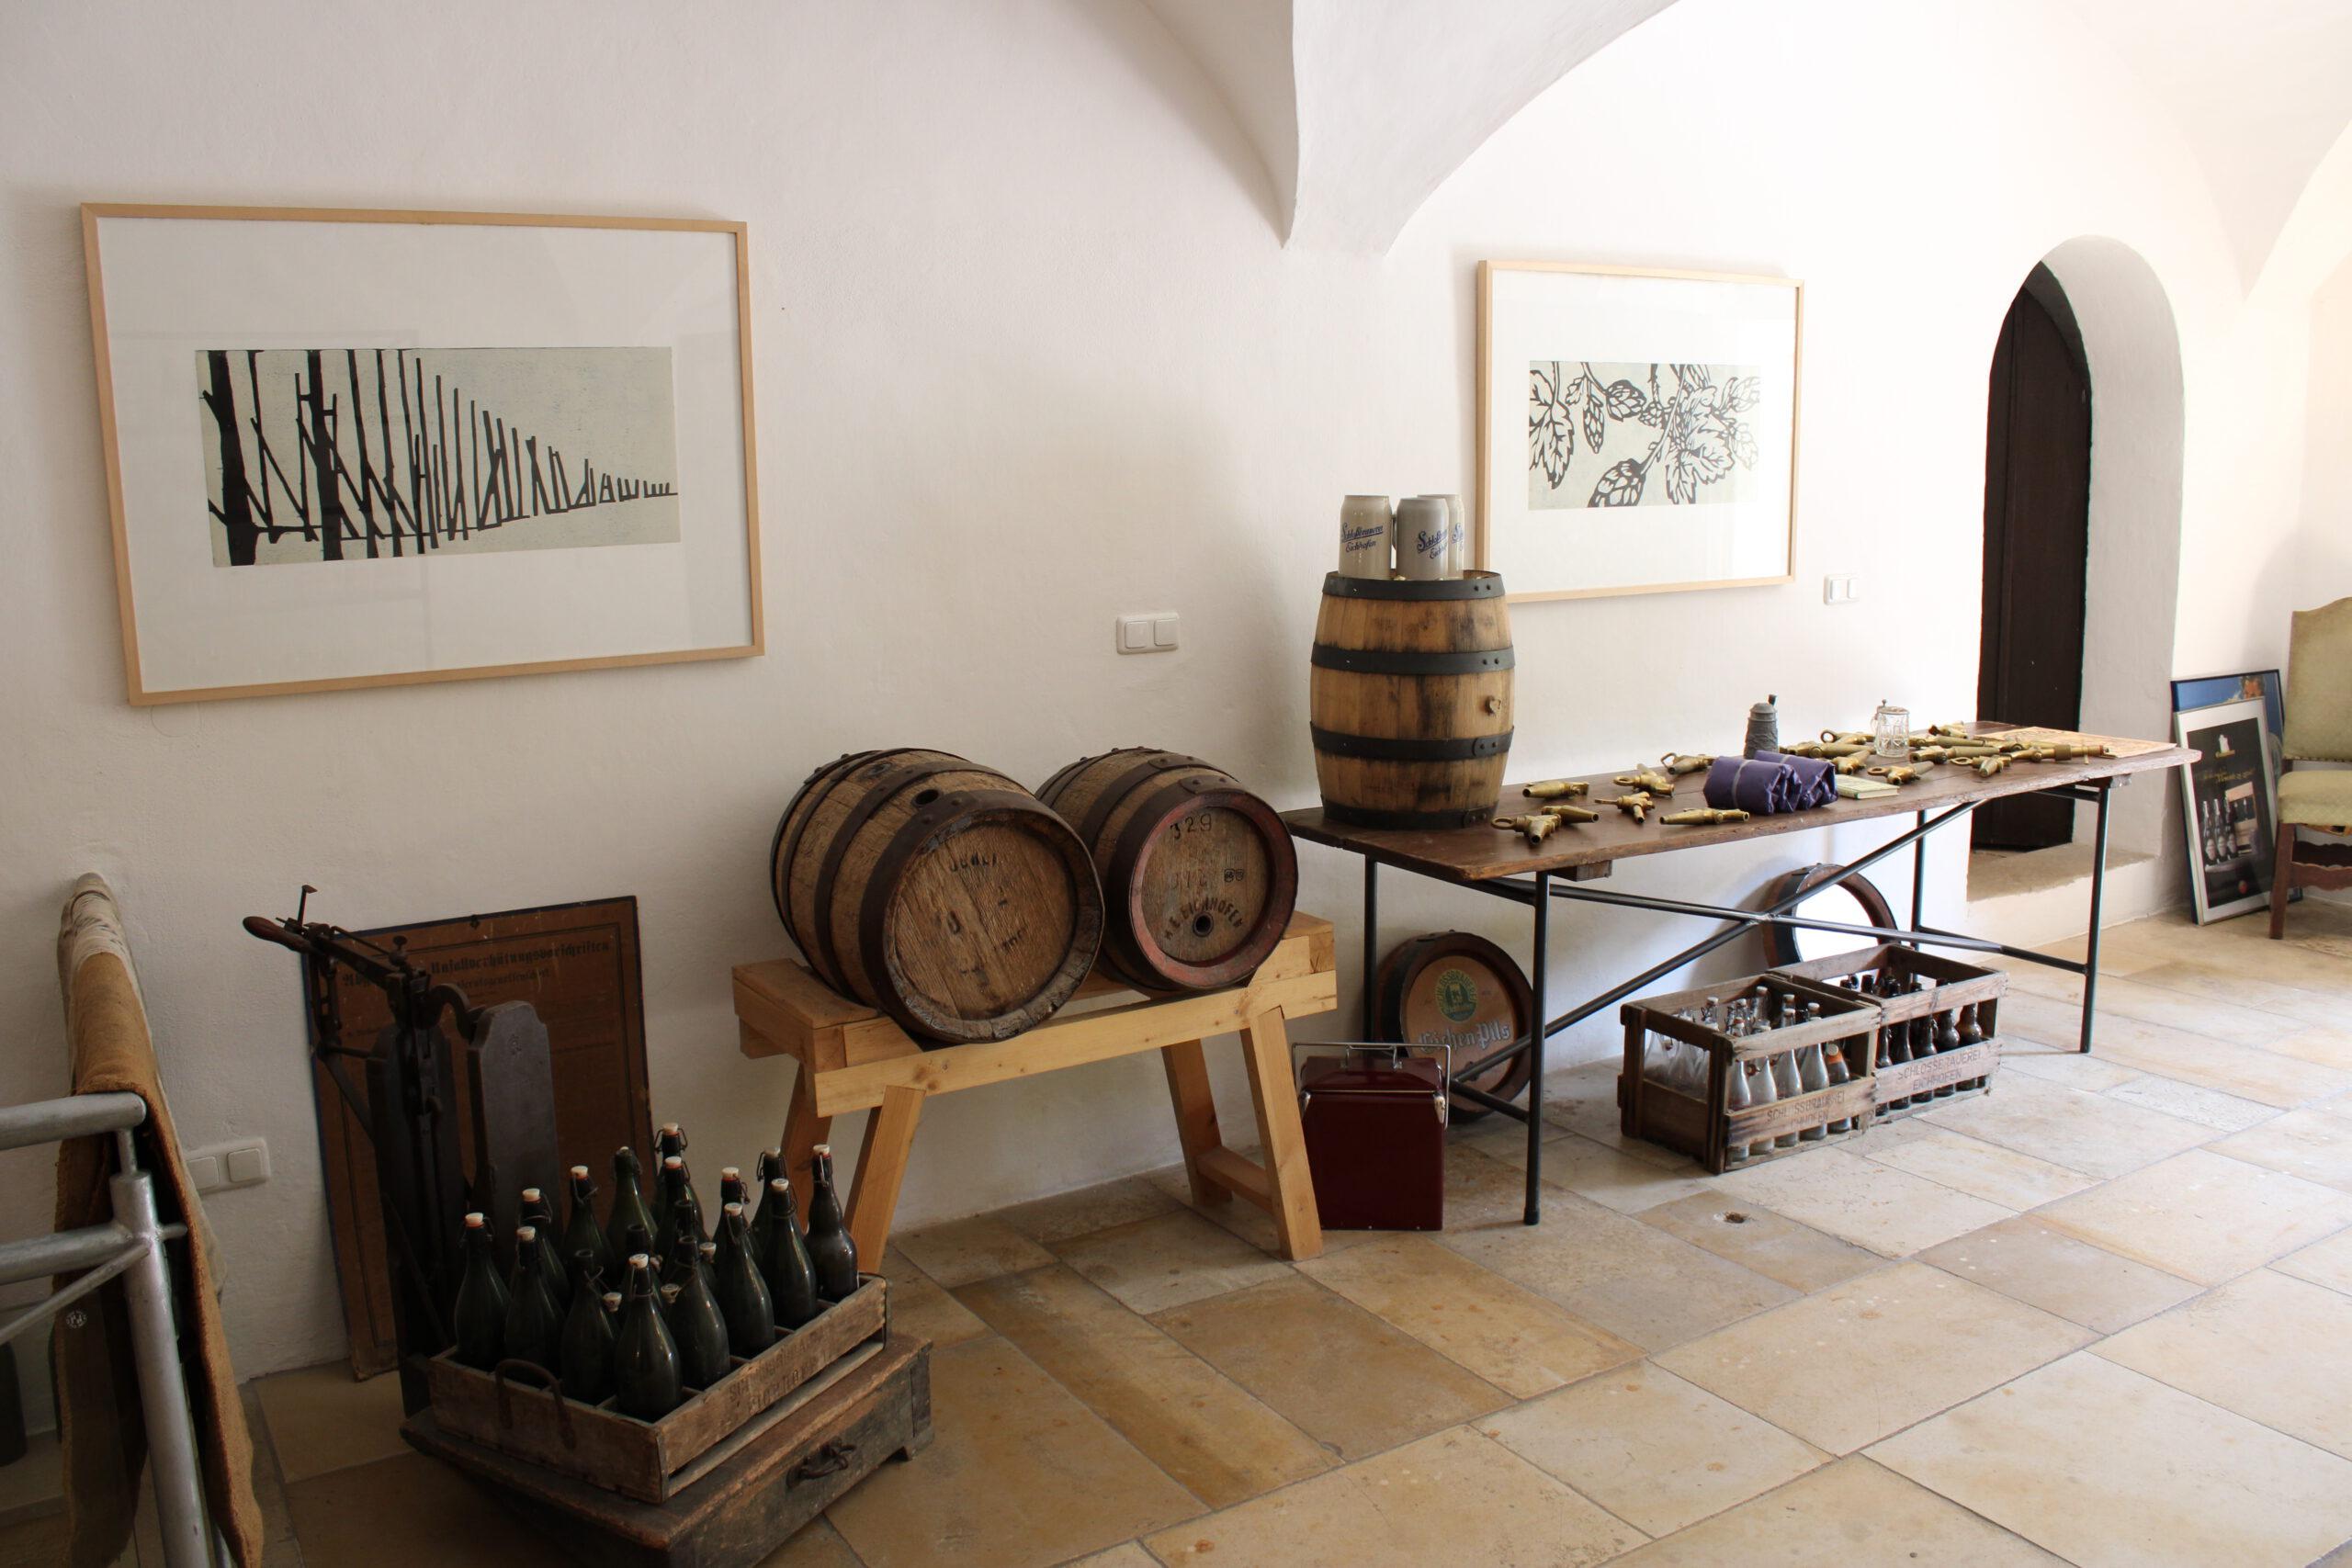 Schlossbrauerei Eichhofen – Historisches Brauereimuseum